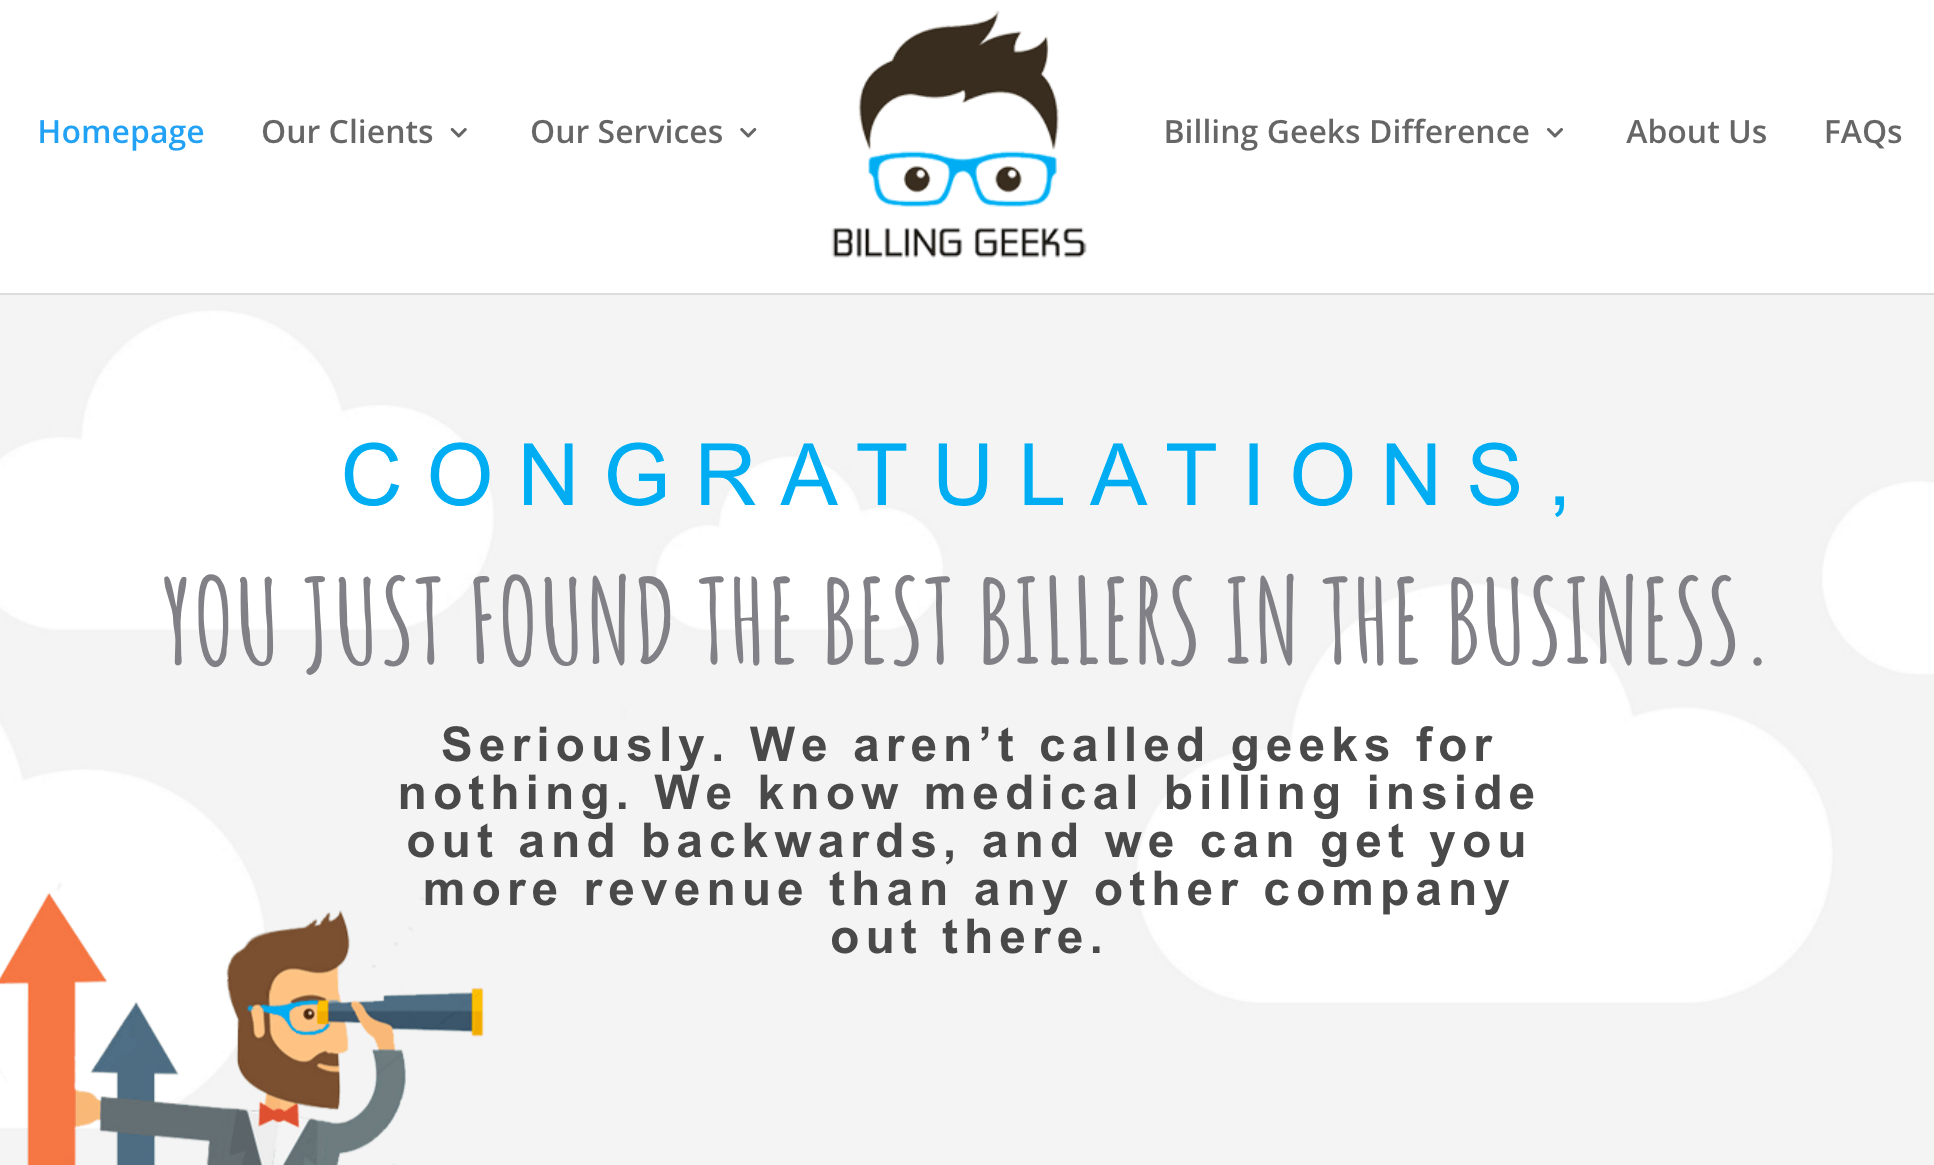 Billing Geeks